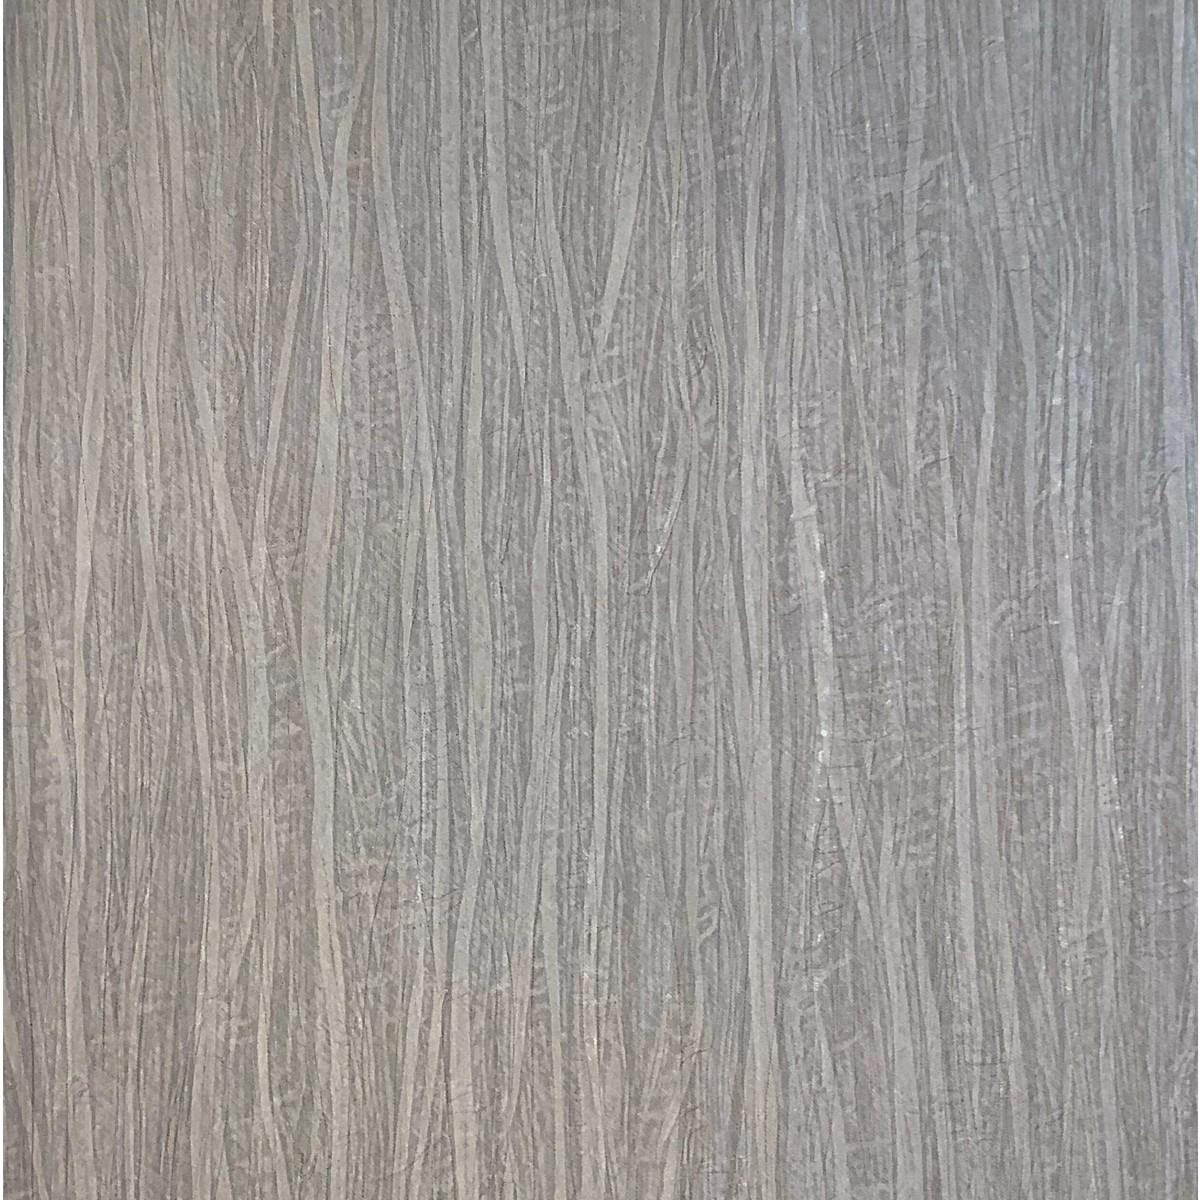 Обои флизелиновые Adawall Rumi коричневые 1.06 м 6807-3